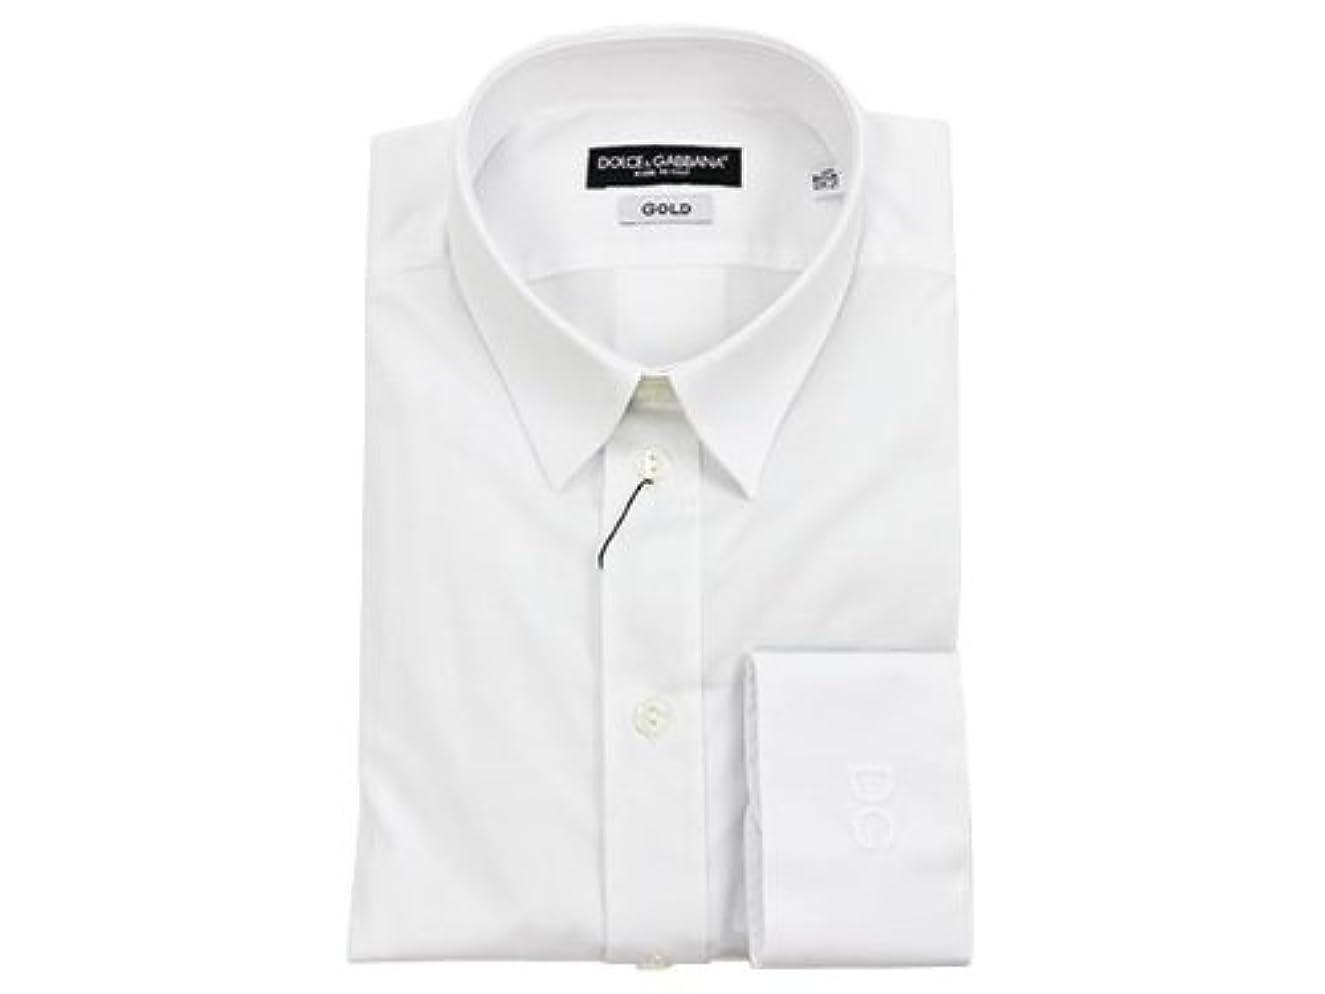 スチュワード階段漂流DOLCE&GABBANA ドルチェ&ガッバーナ カッターシャツ QG5371 25456 80001 ホワイト 41サイズ 並行輸入品   ウェア&シューズ